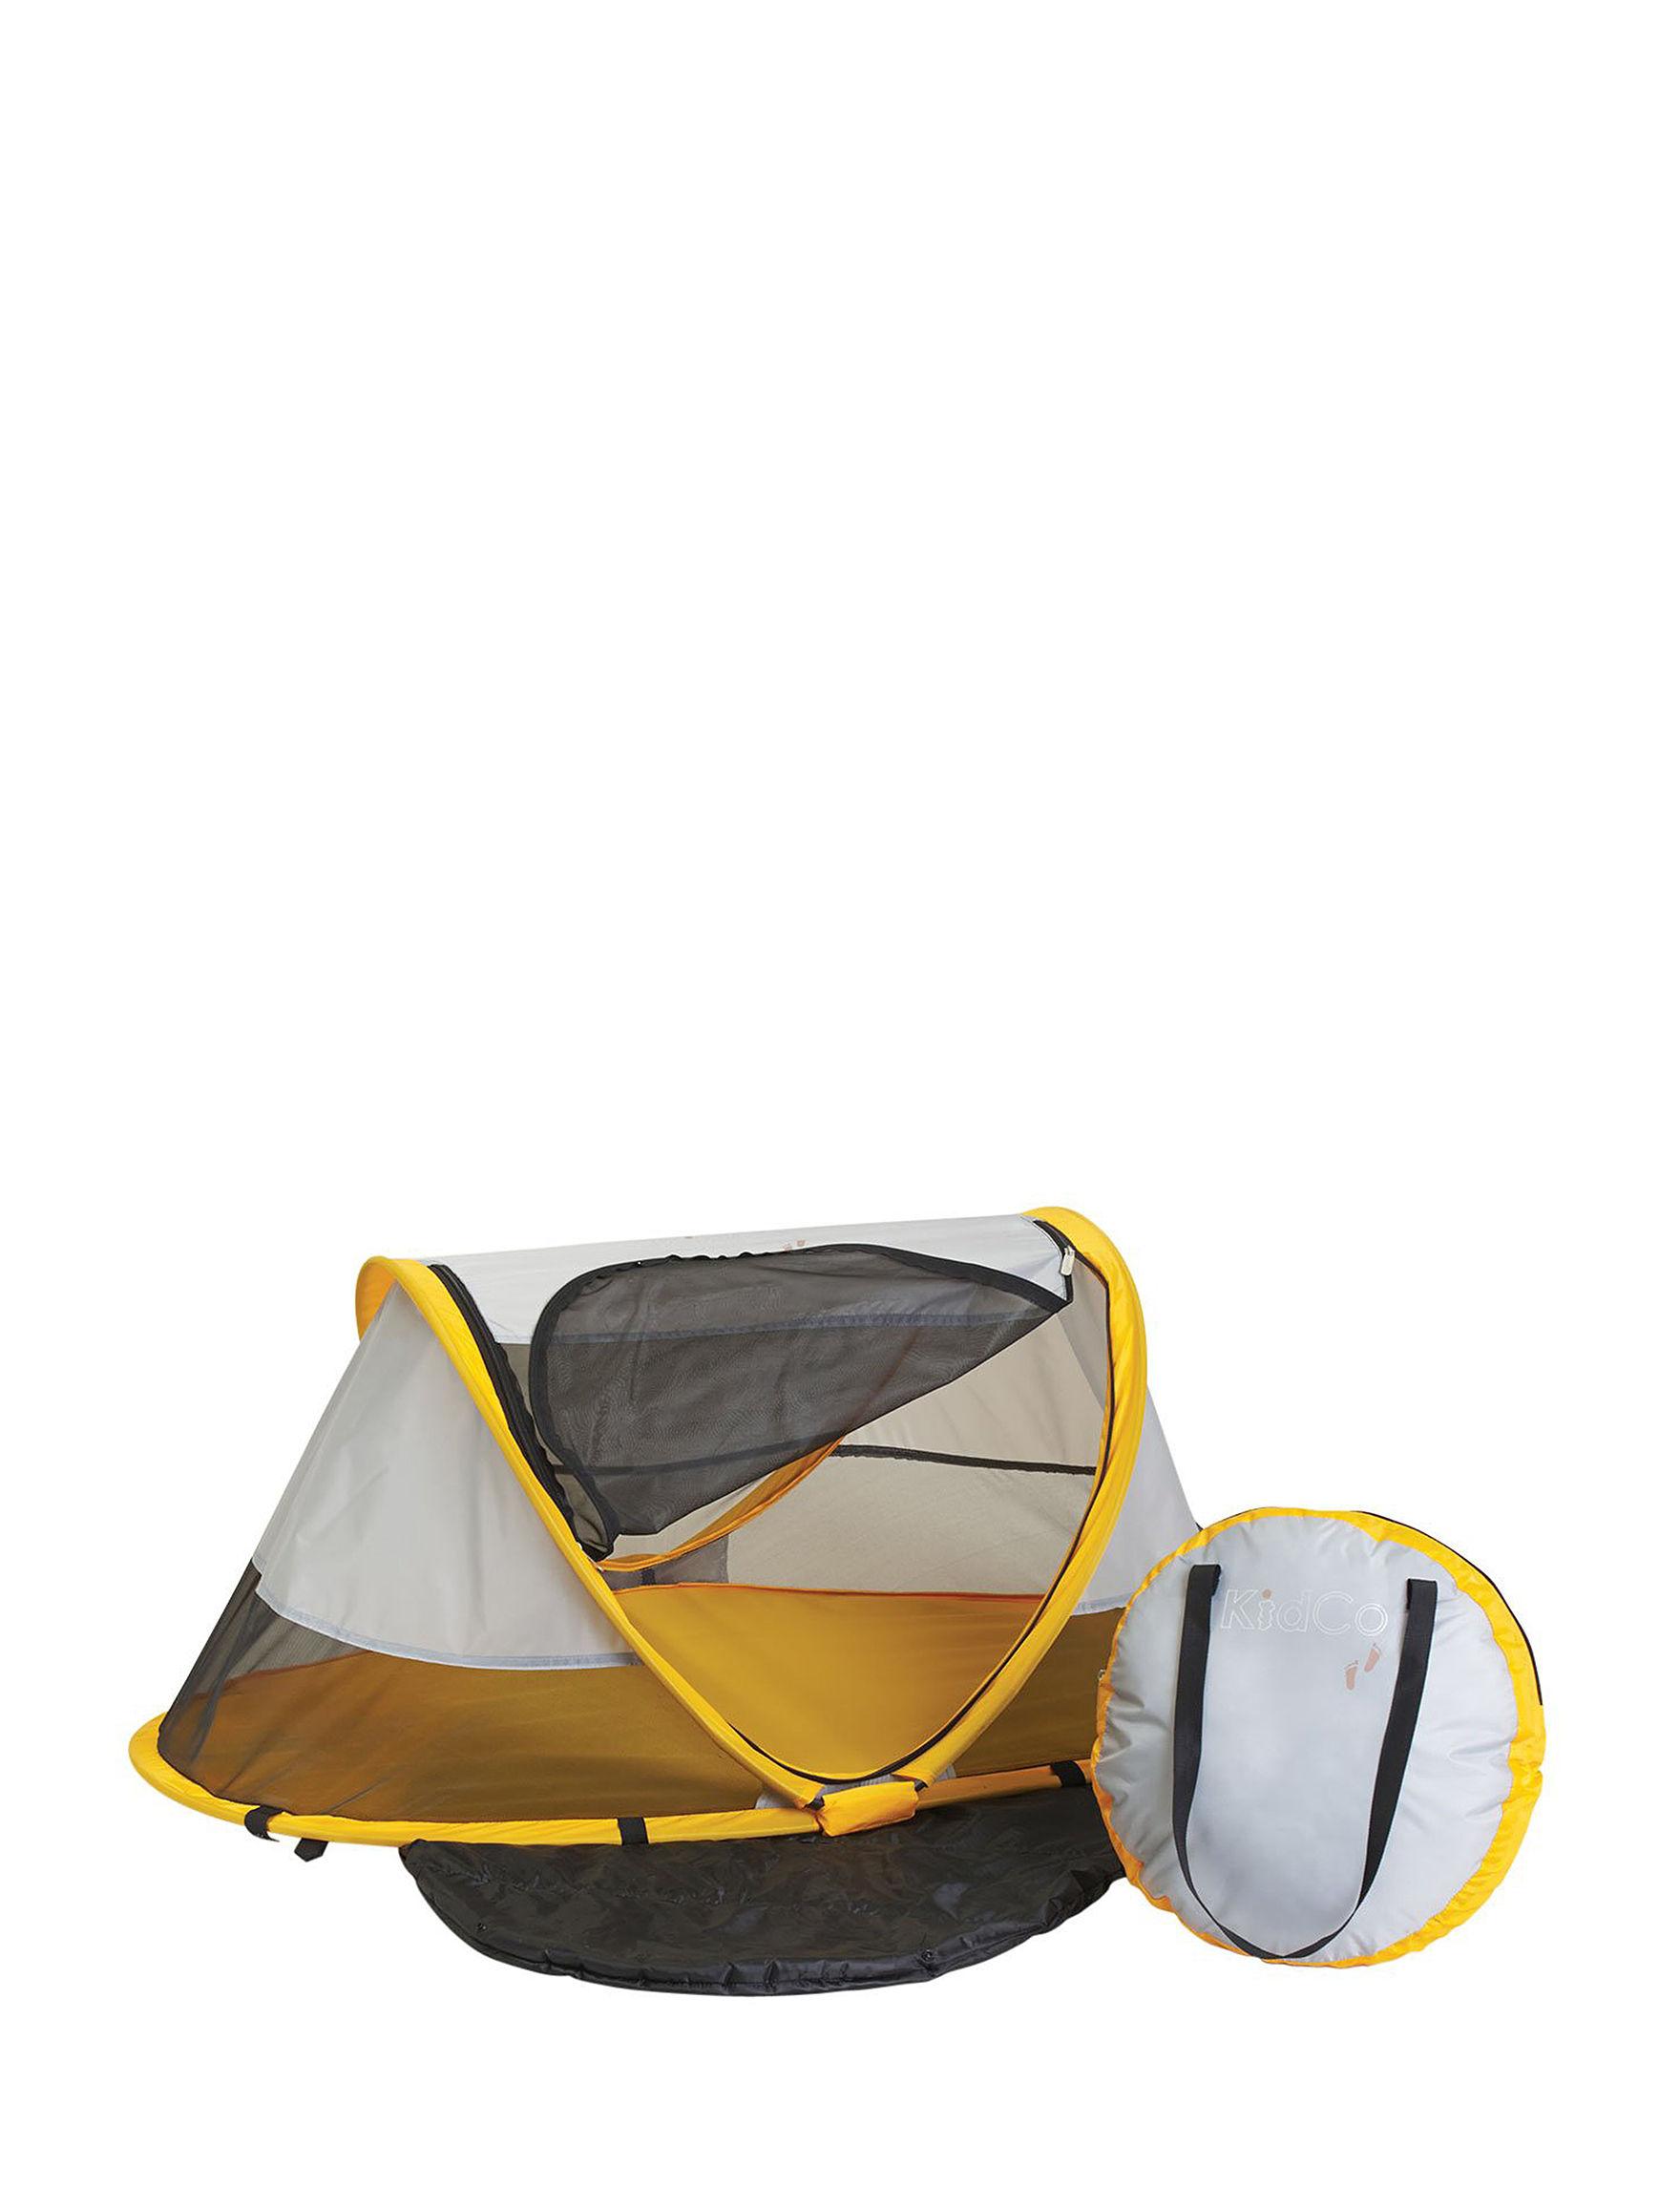 Kidco Yellow